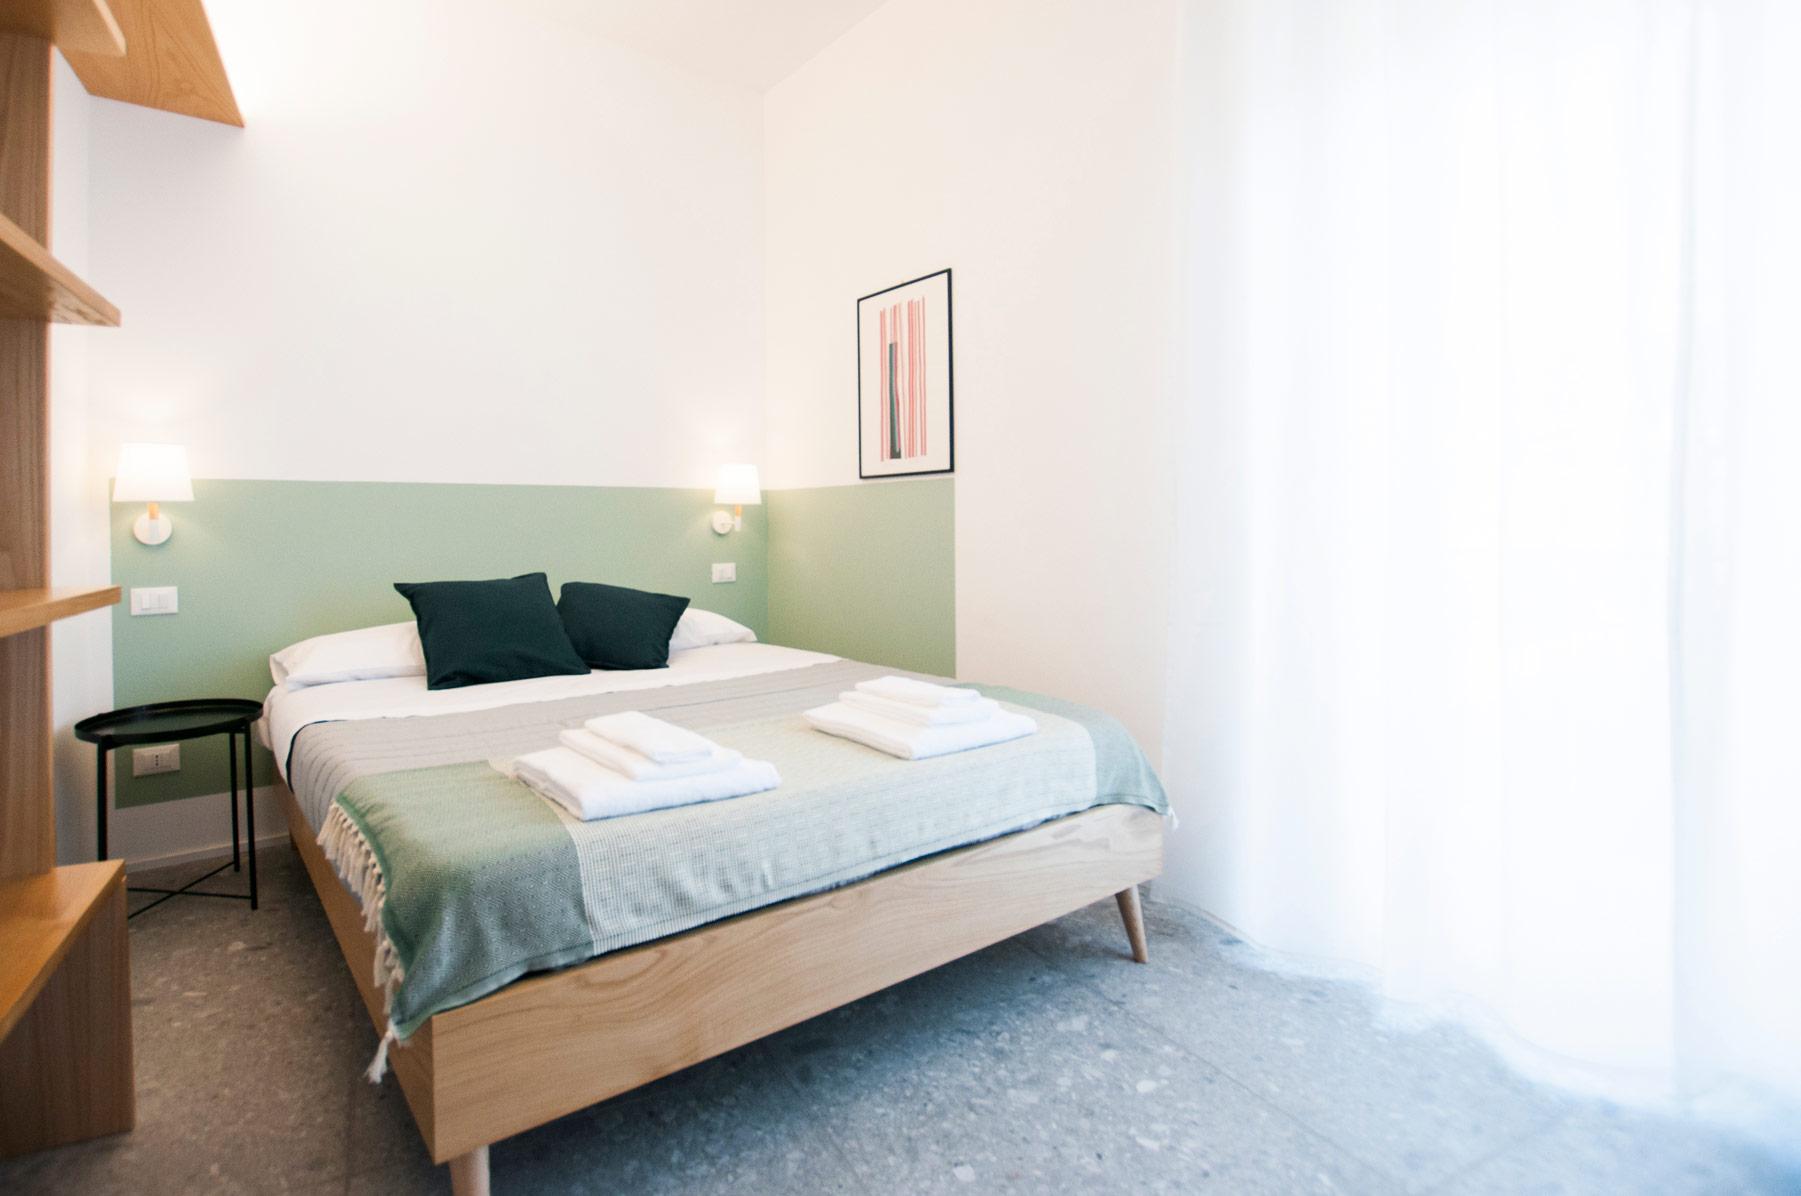 letto-matrimoniale-monolocale-casa27-b&b-terracina